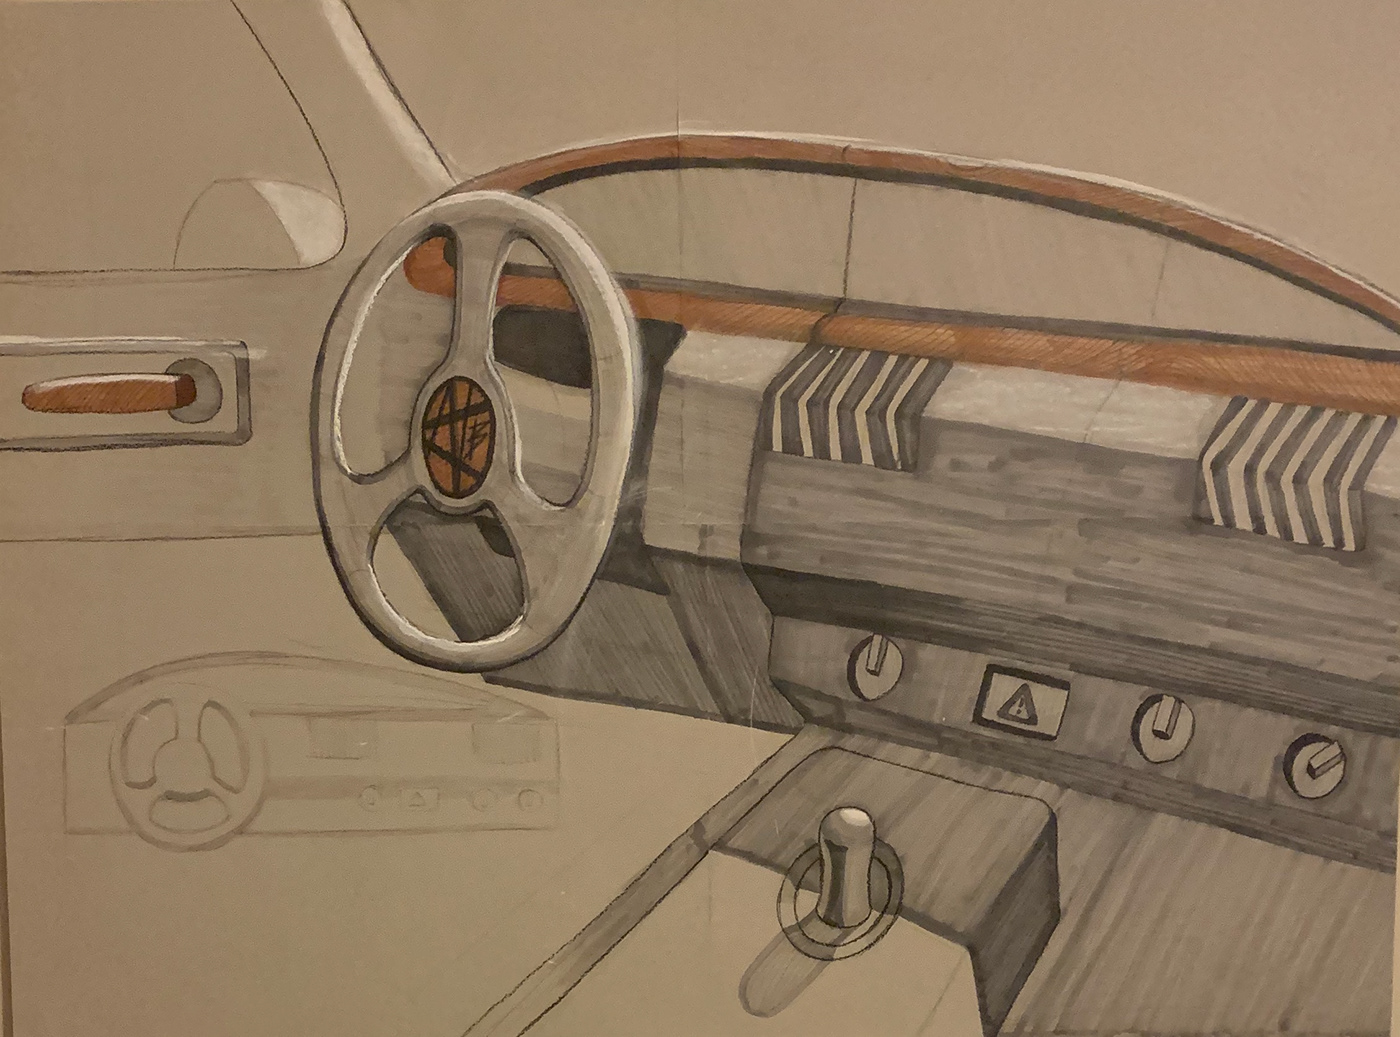 Image may contain: drawing and cartoon